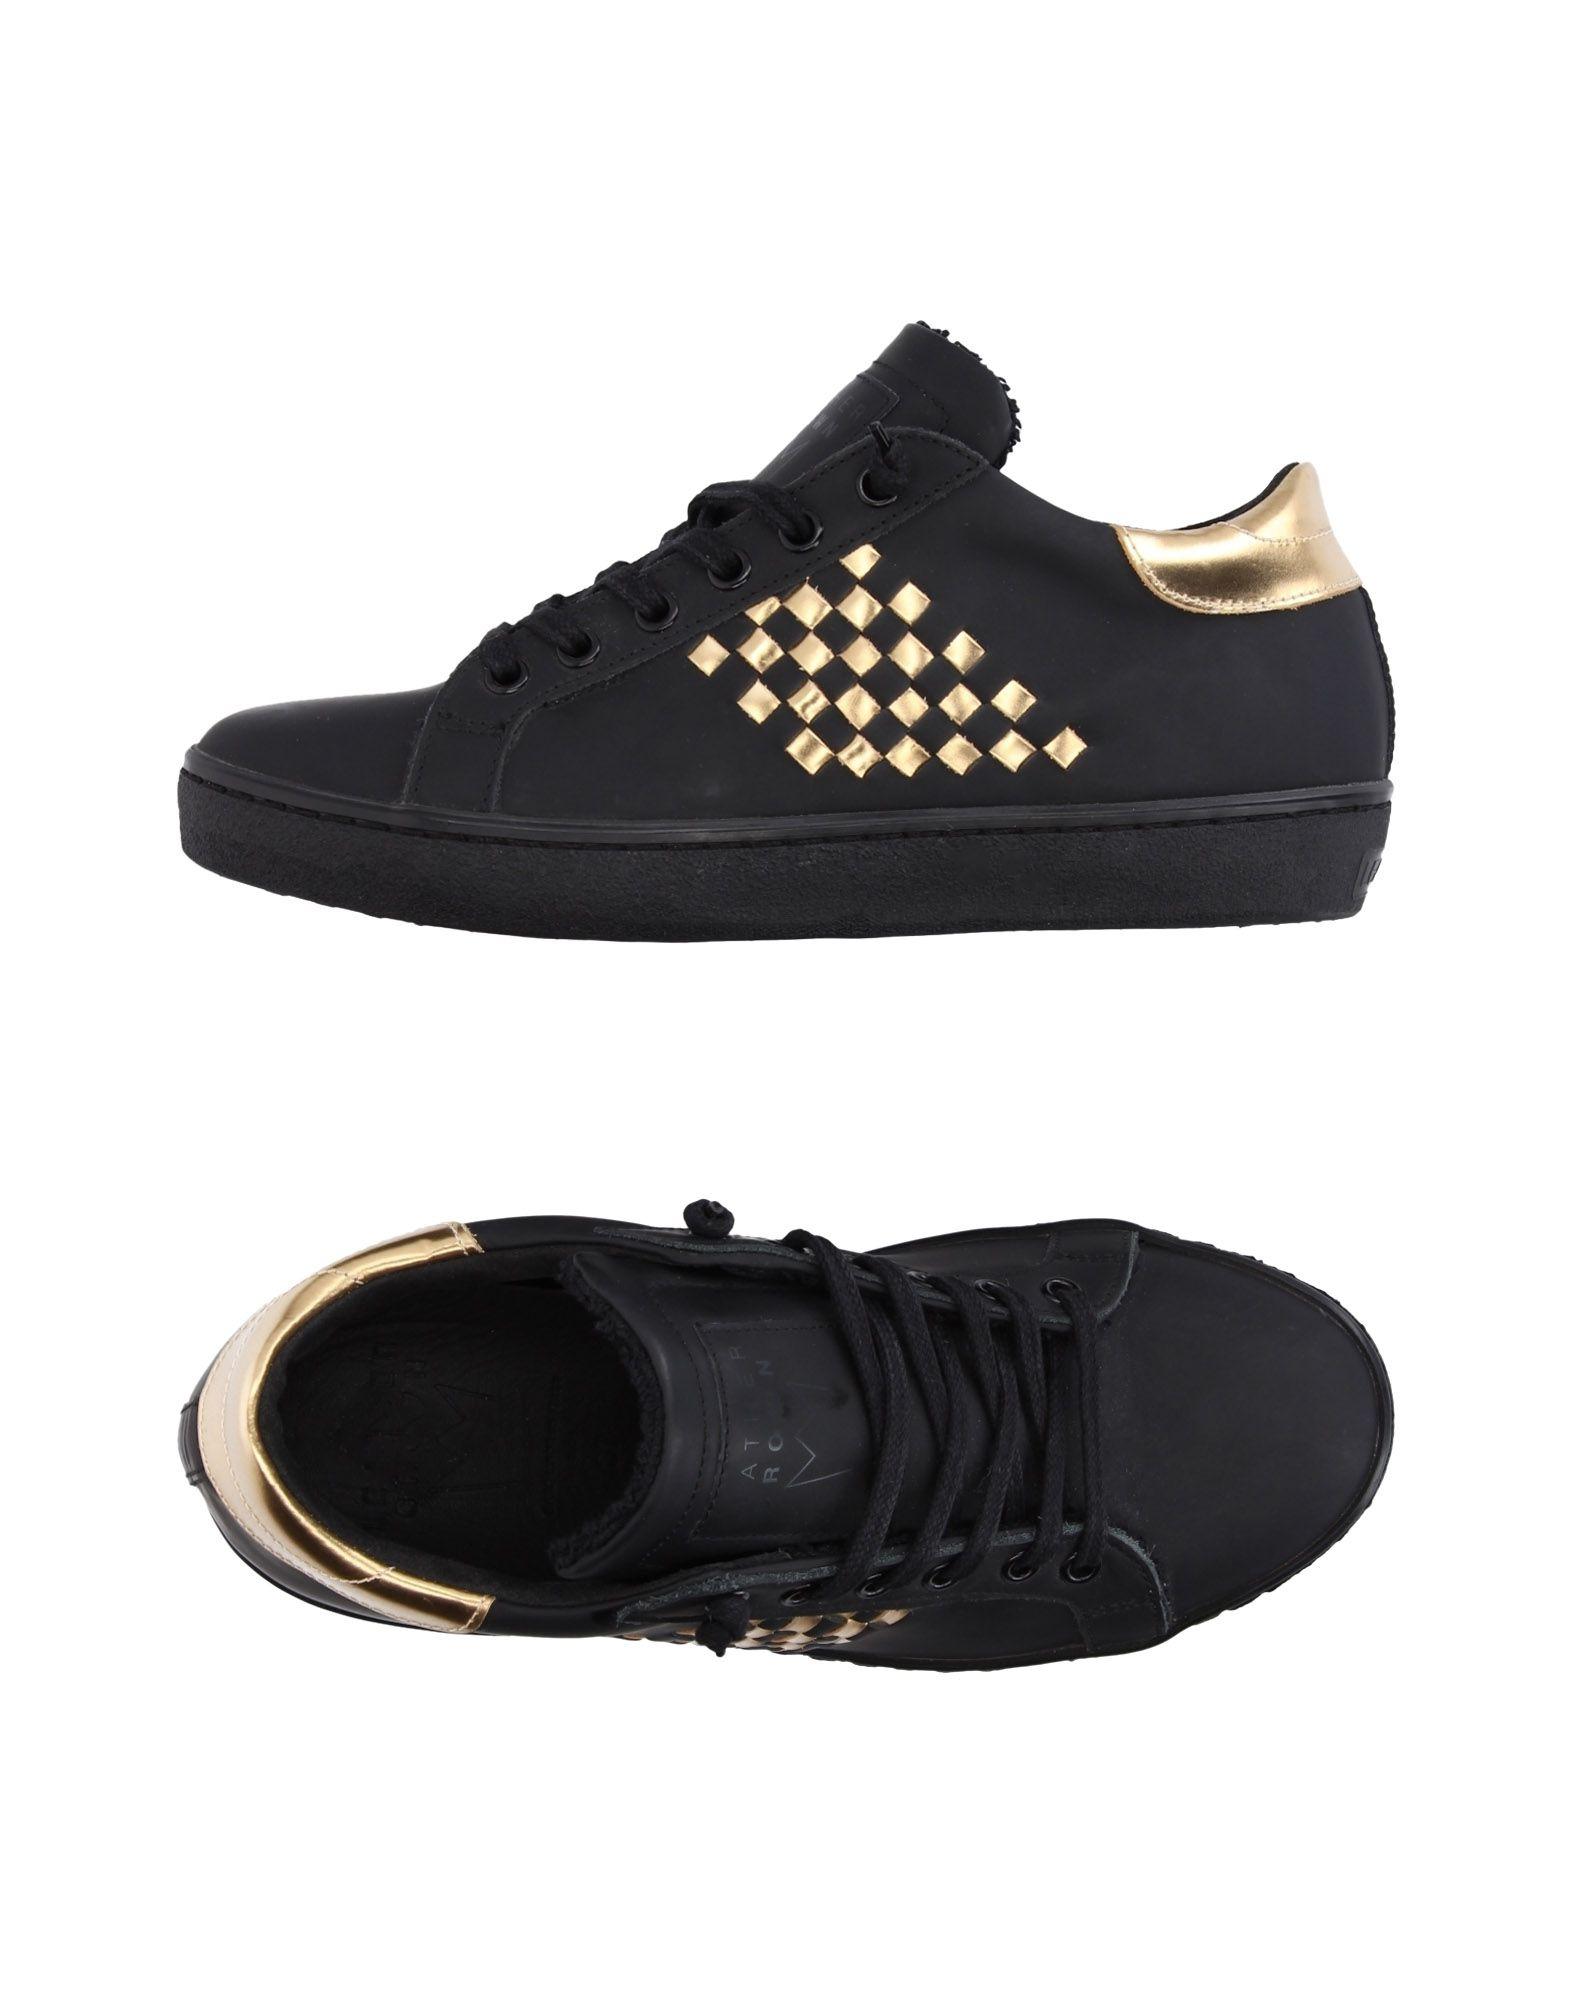 Turnscarpe Leather Crown donna - - 11226995DO  Qualität garantiert